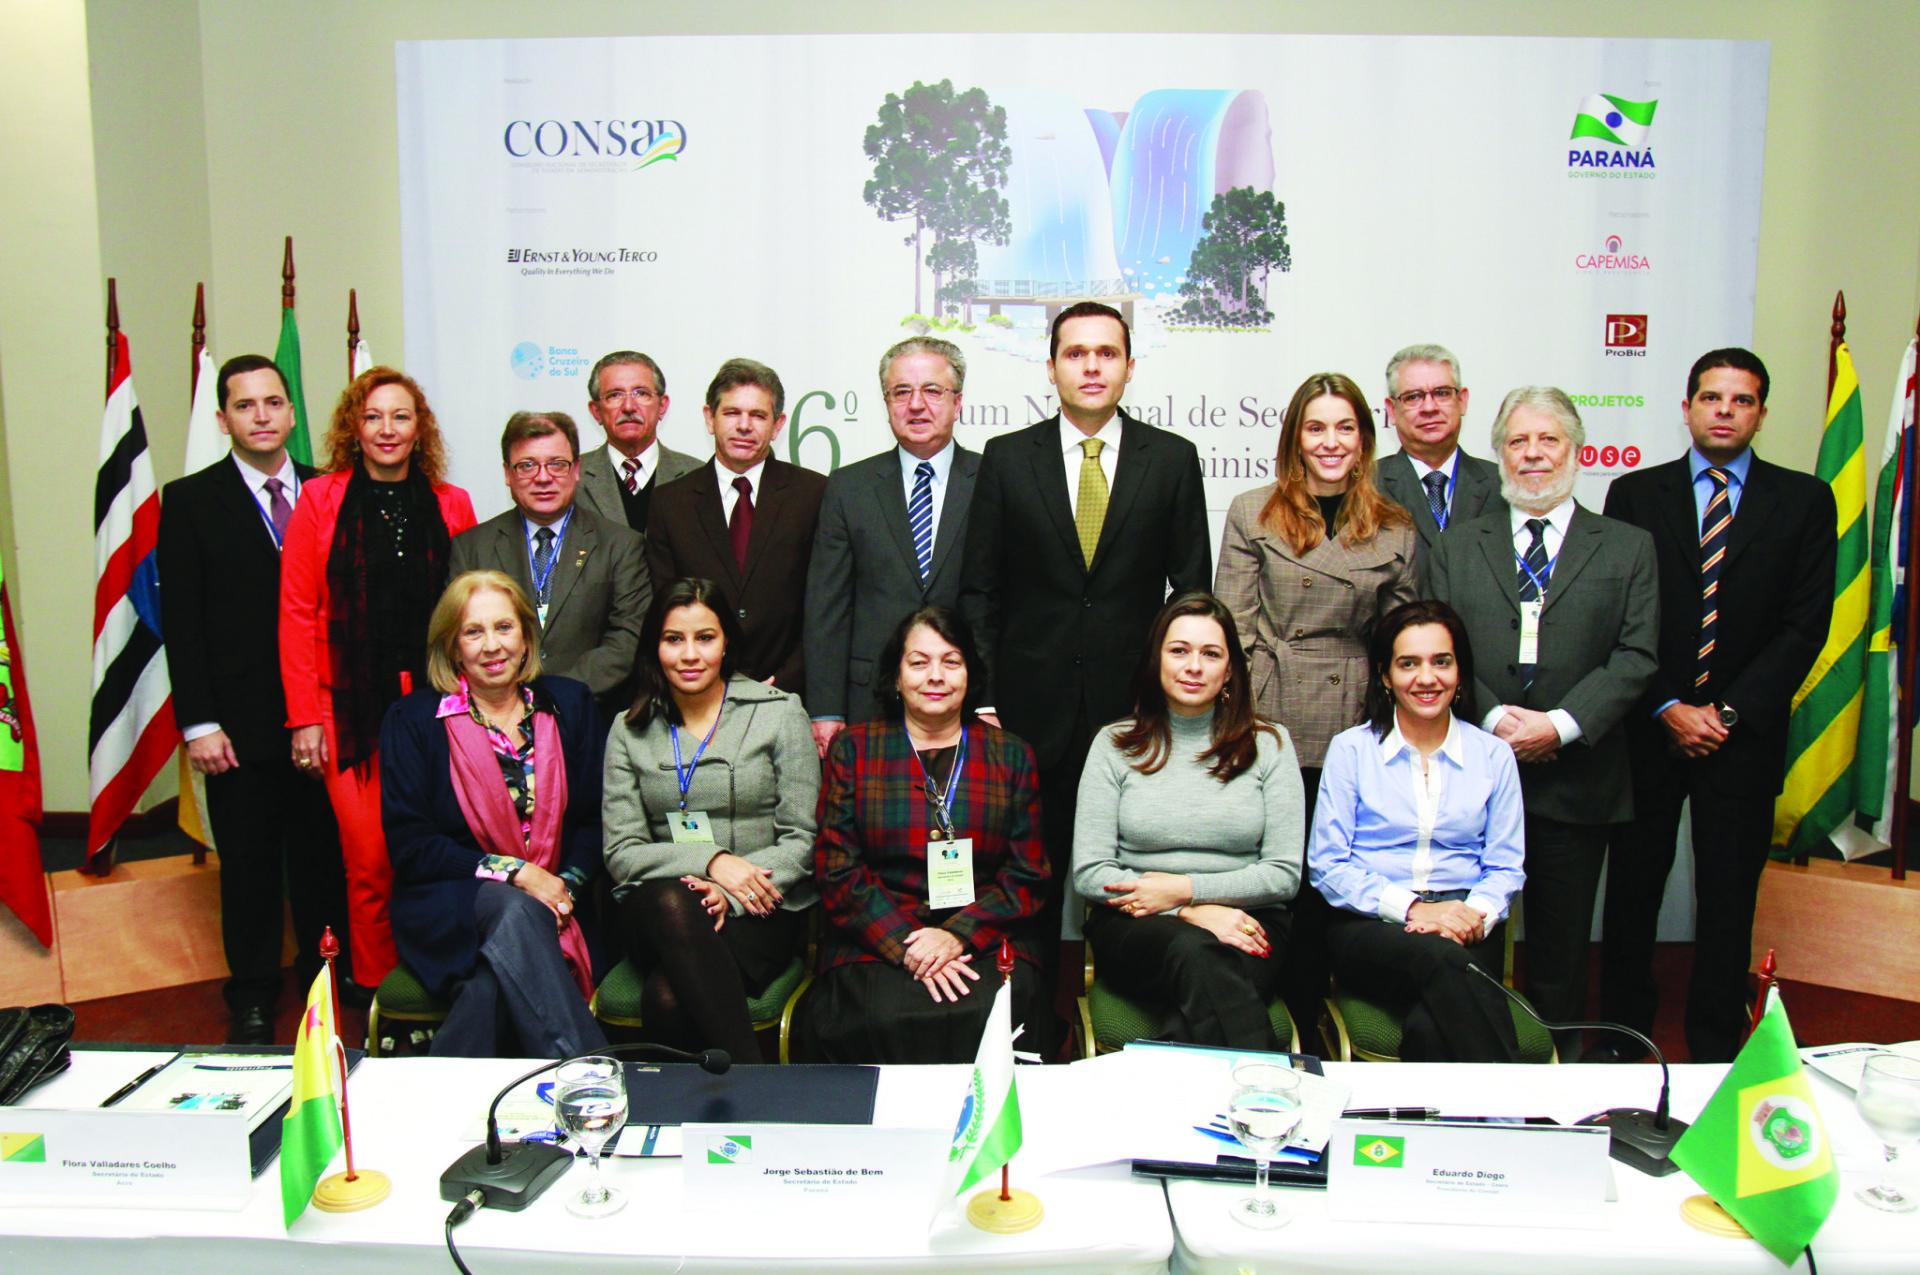 Consad realiza 86º Fórum em Foz do Iguaçu (PR)